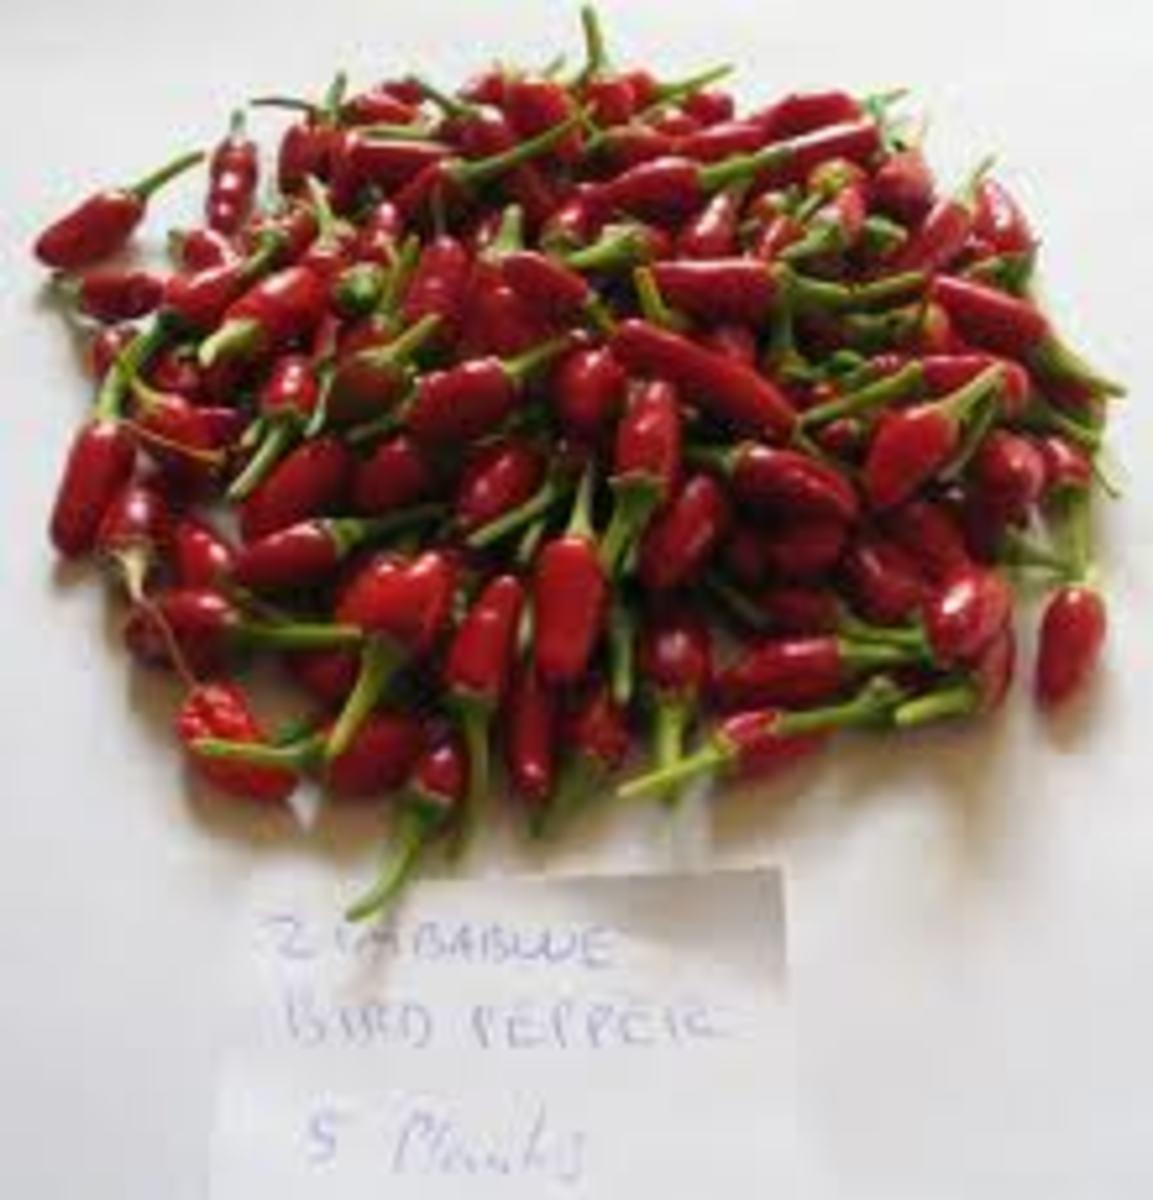 Bird pepper